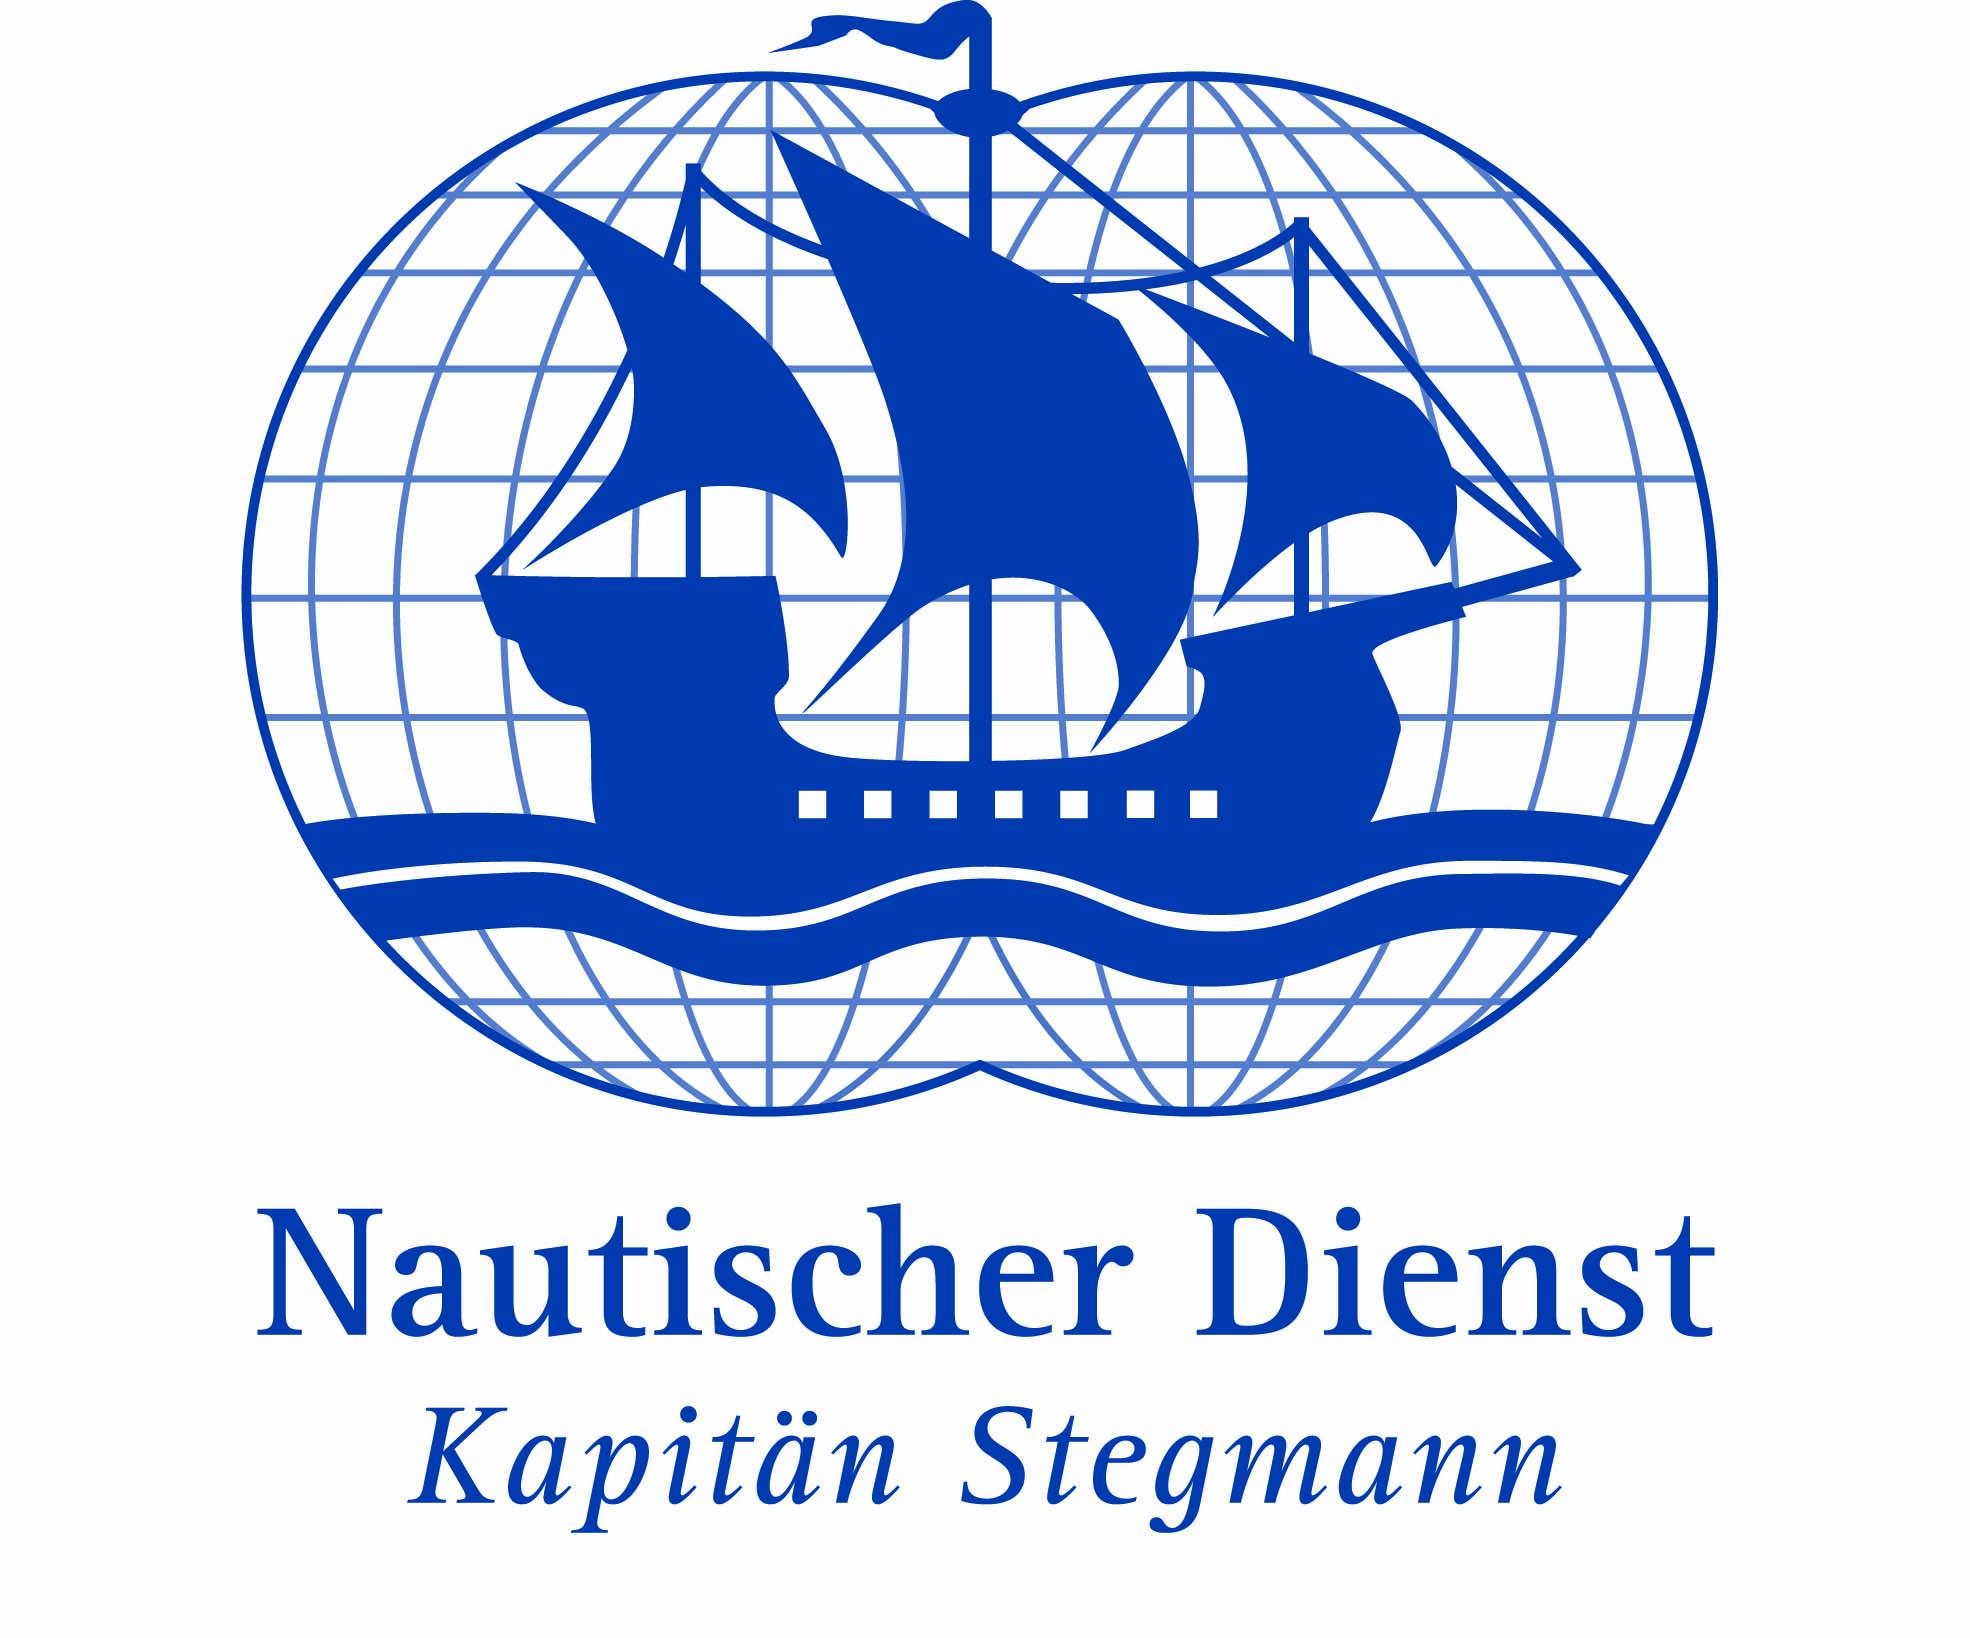 Nautischer Dienst Stegmann - Hamburg